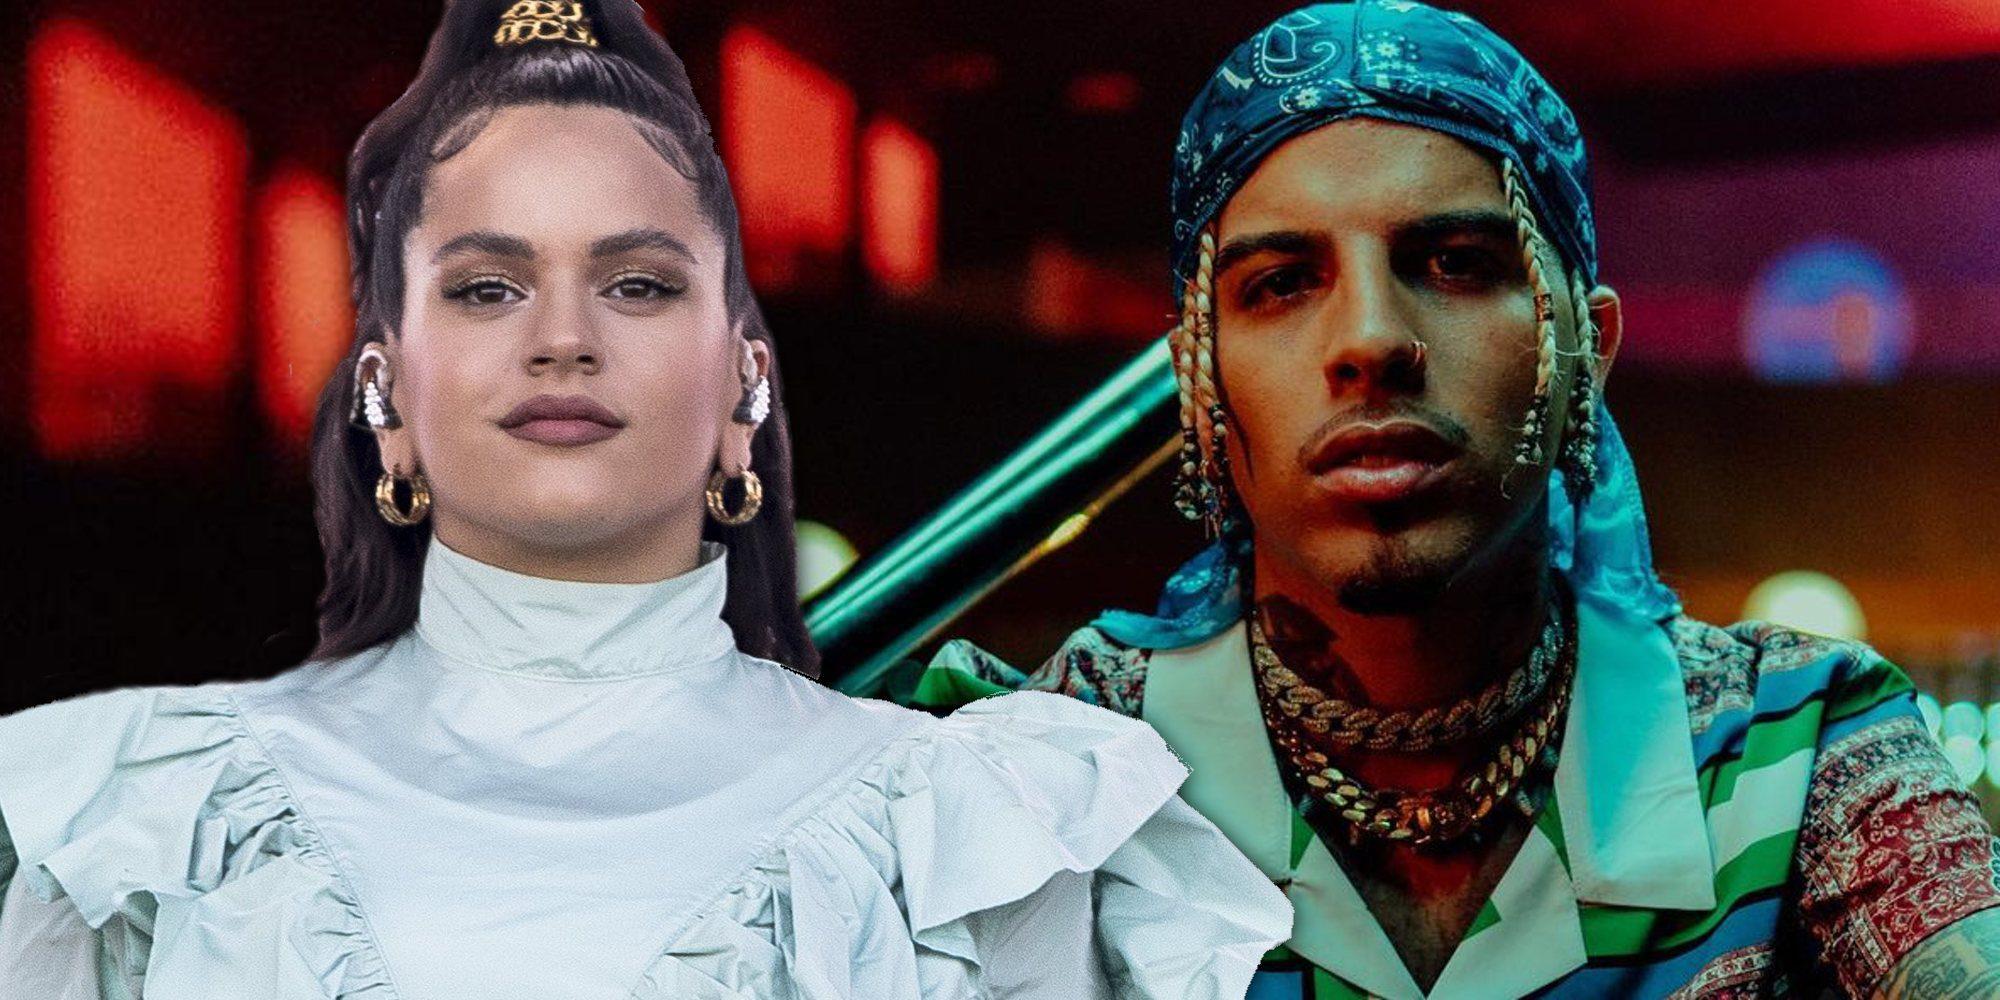 Rauw Alejandro & Rosalia